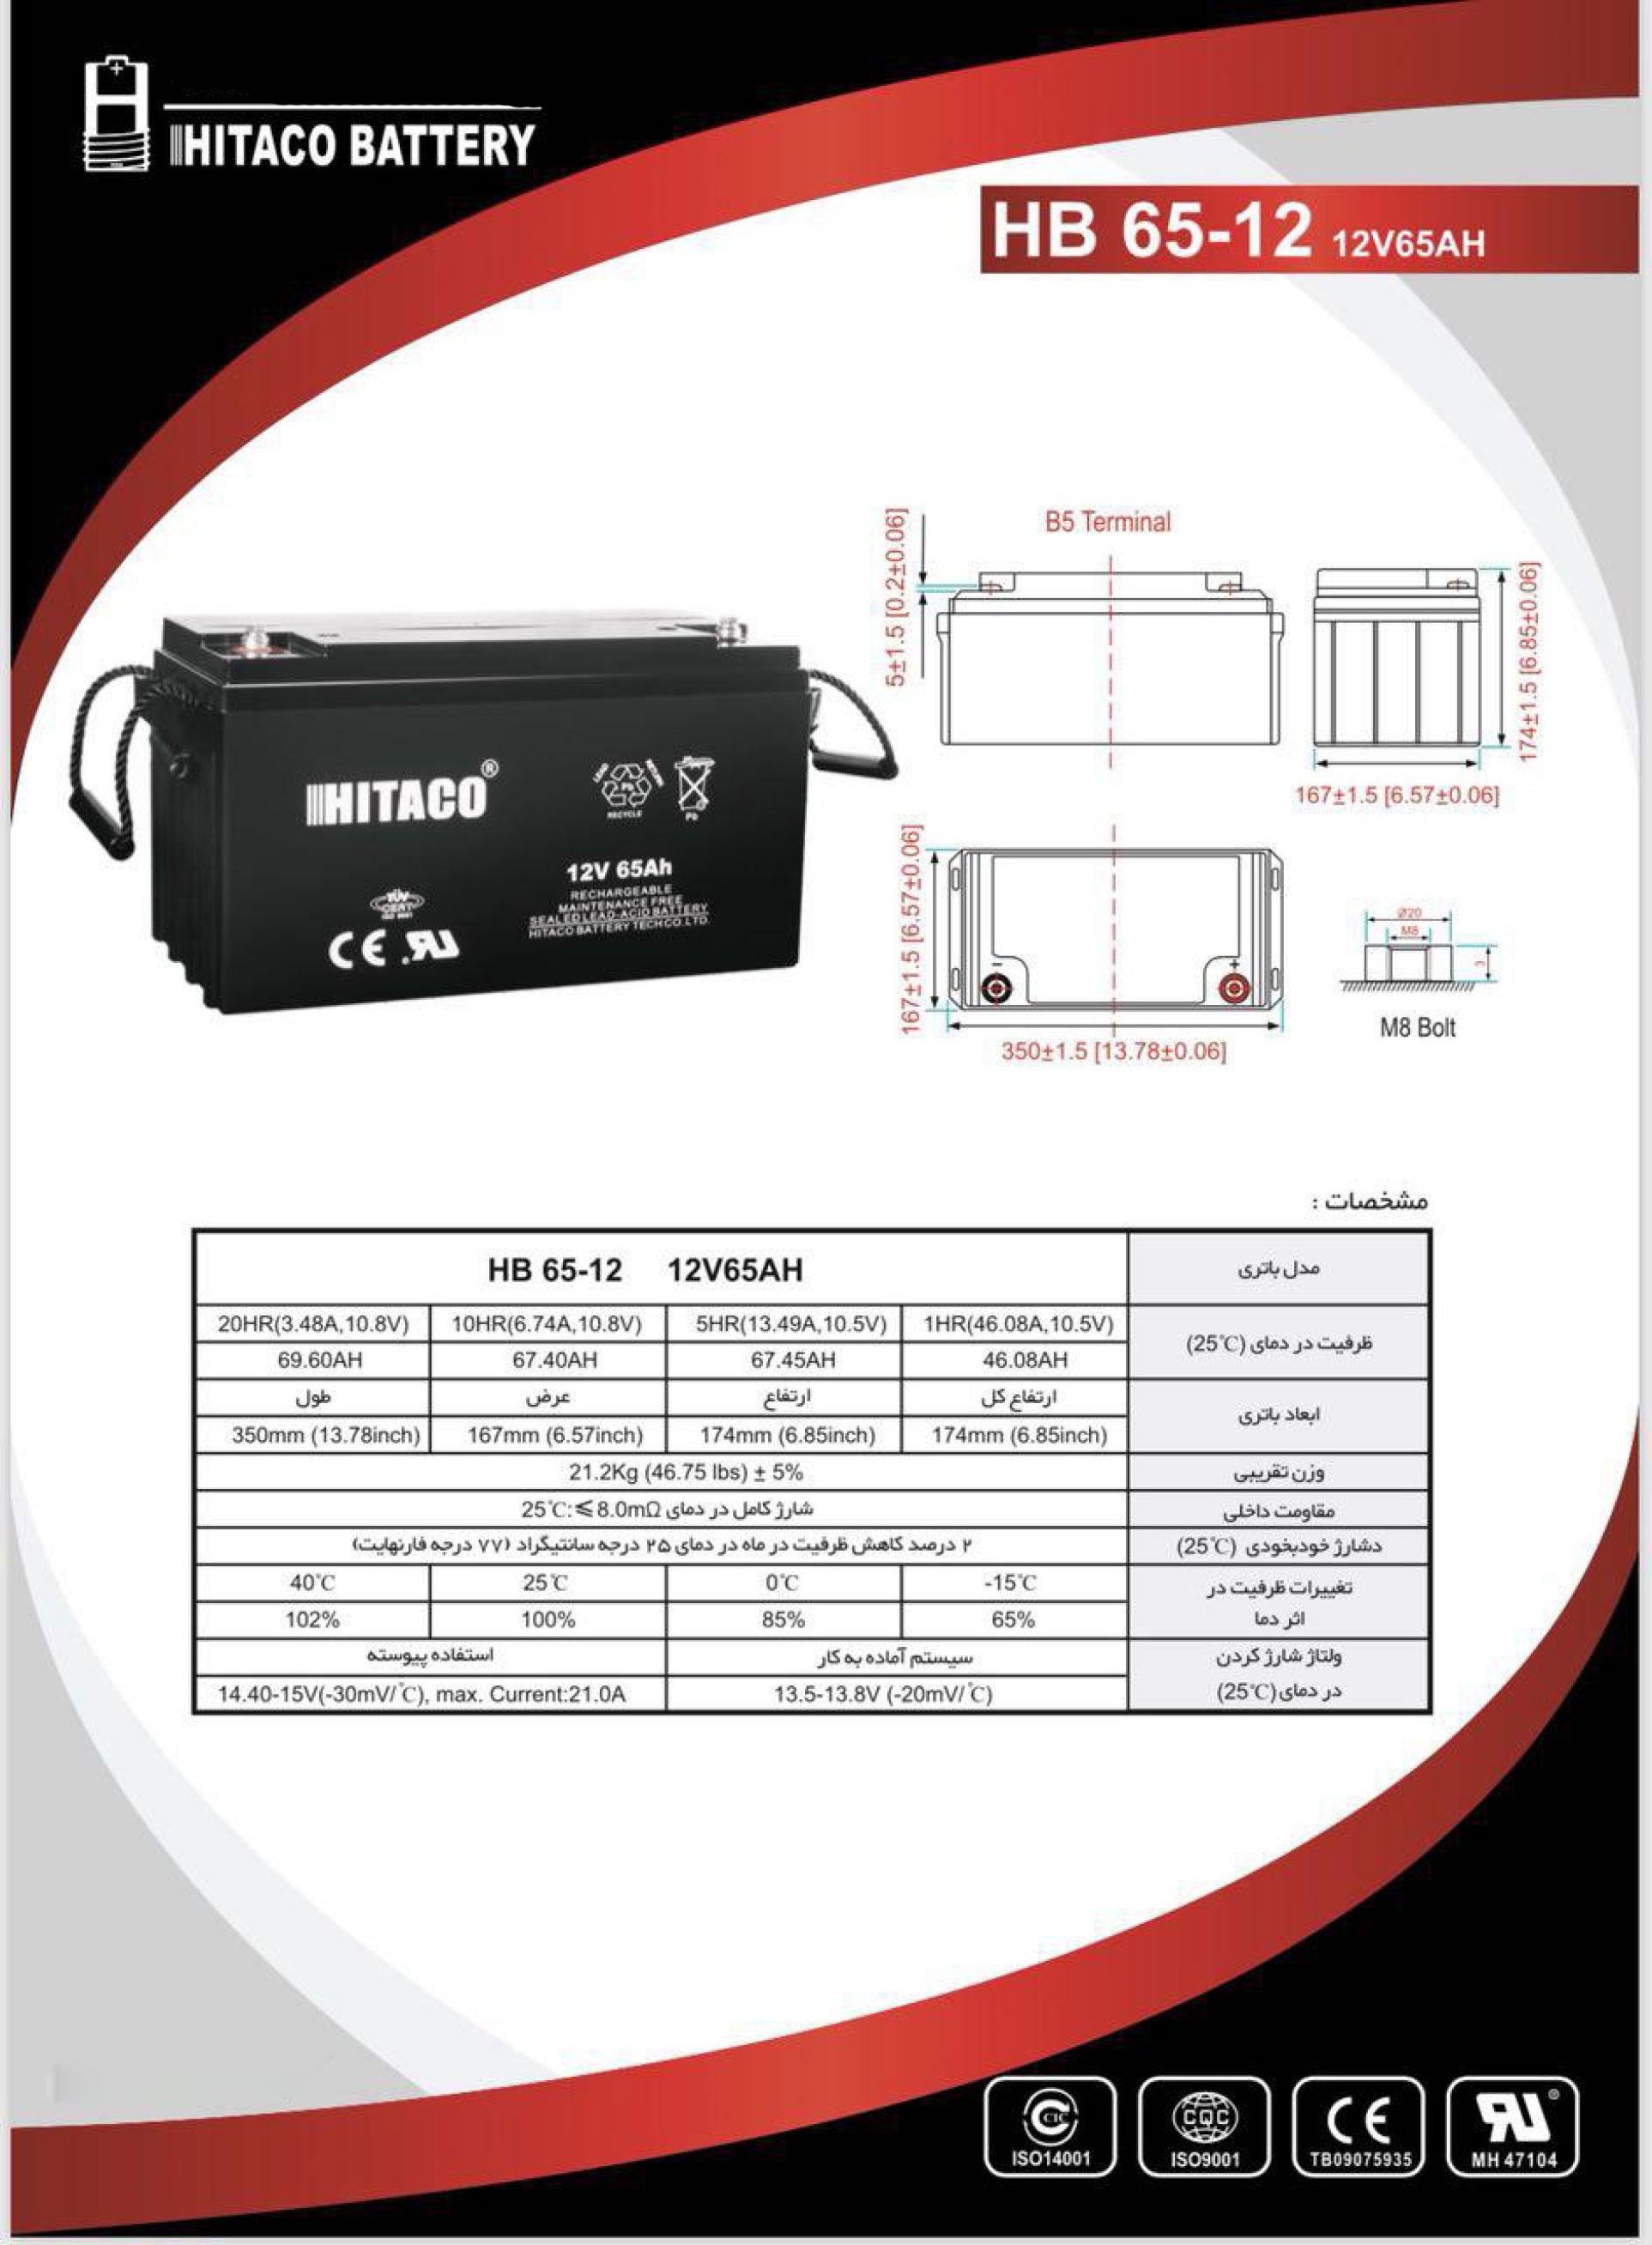 باتری هیتاکو ۱۲ ولت ۶۵ آمپر